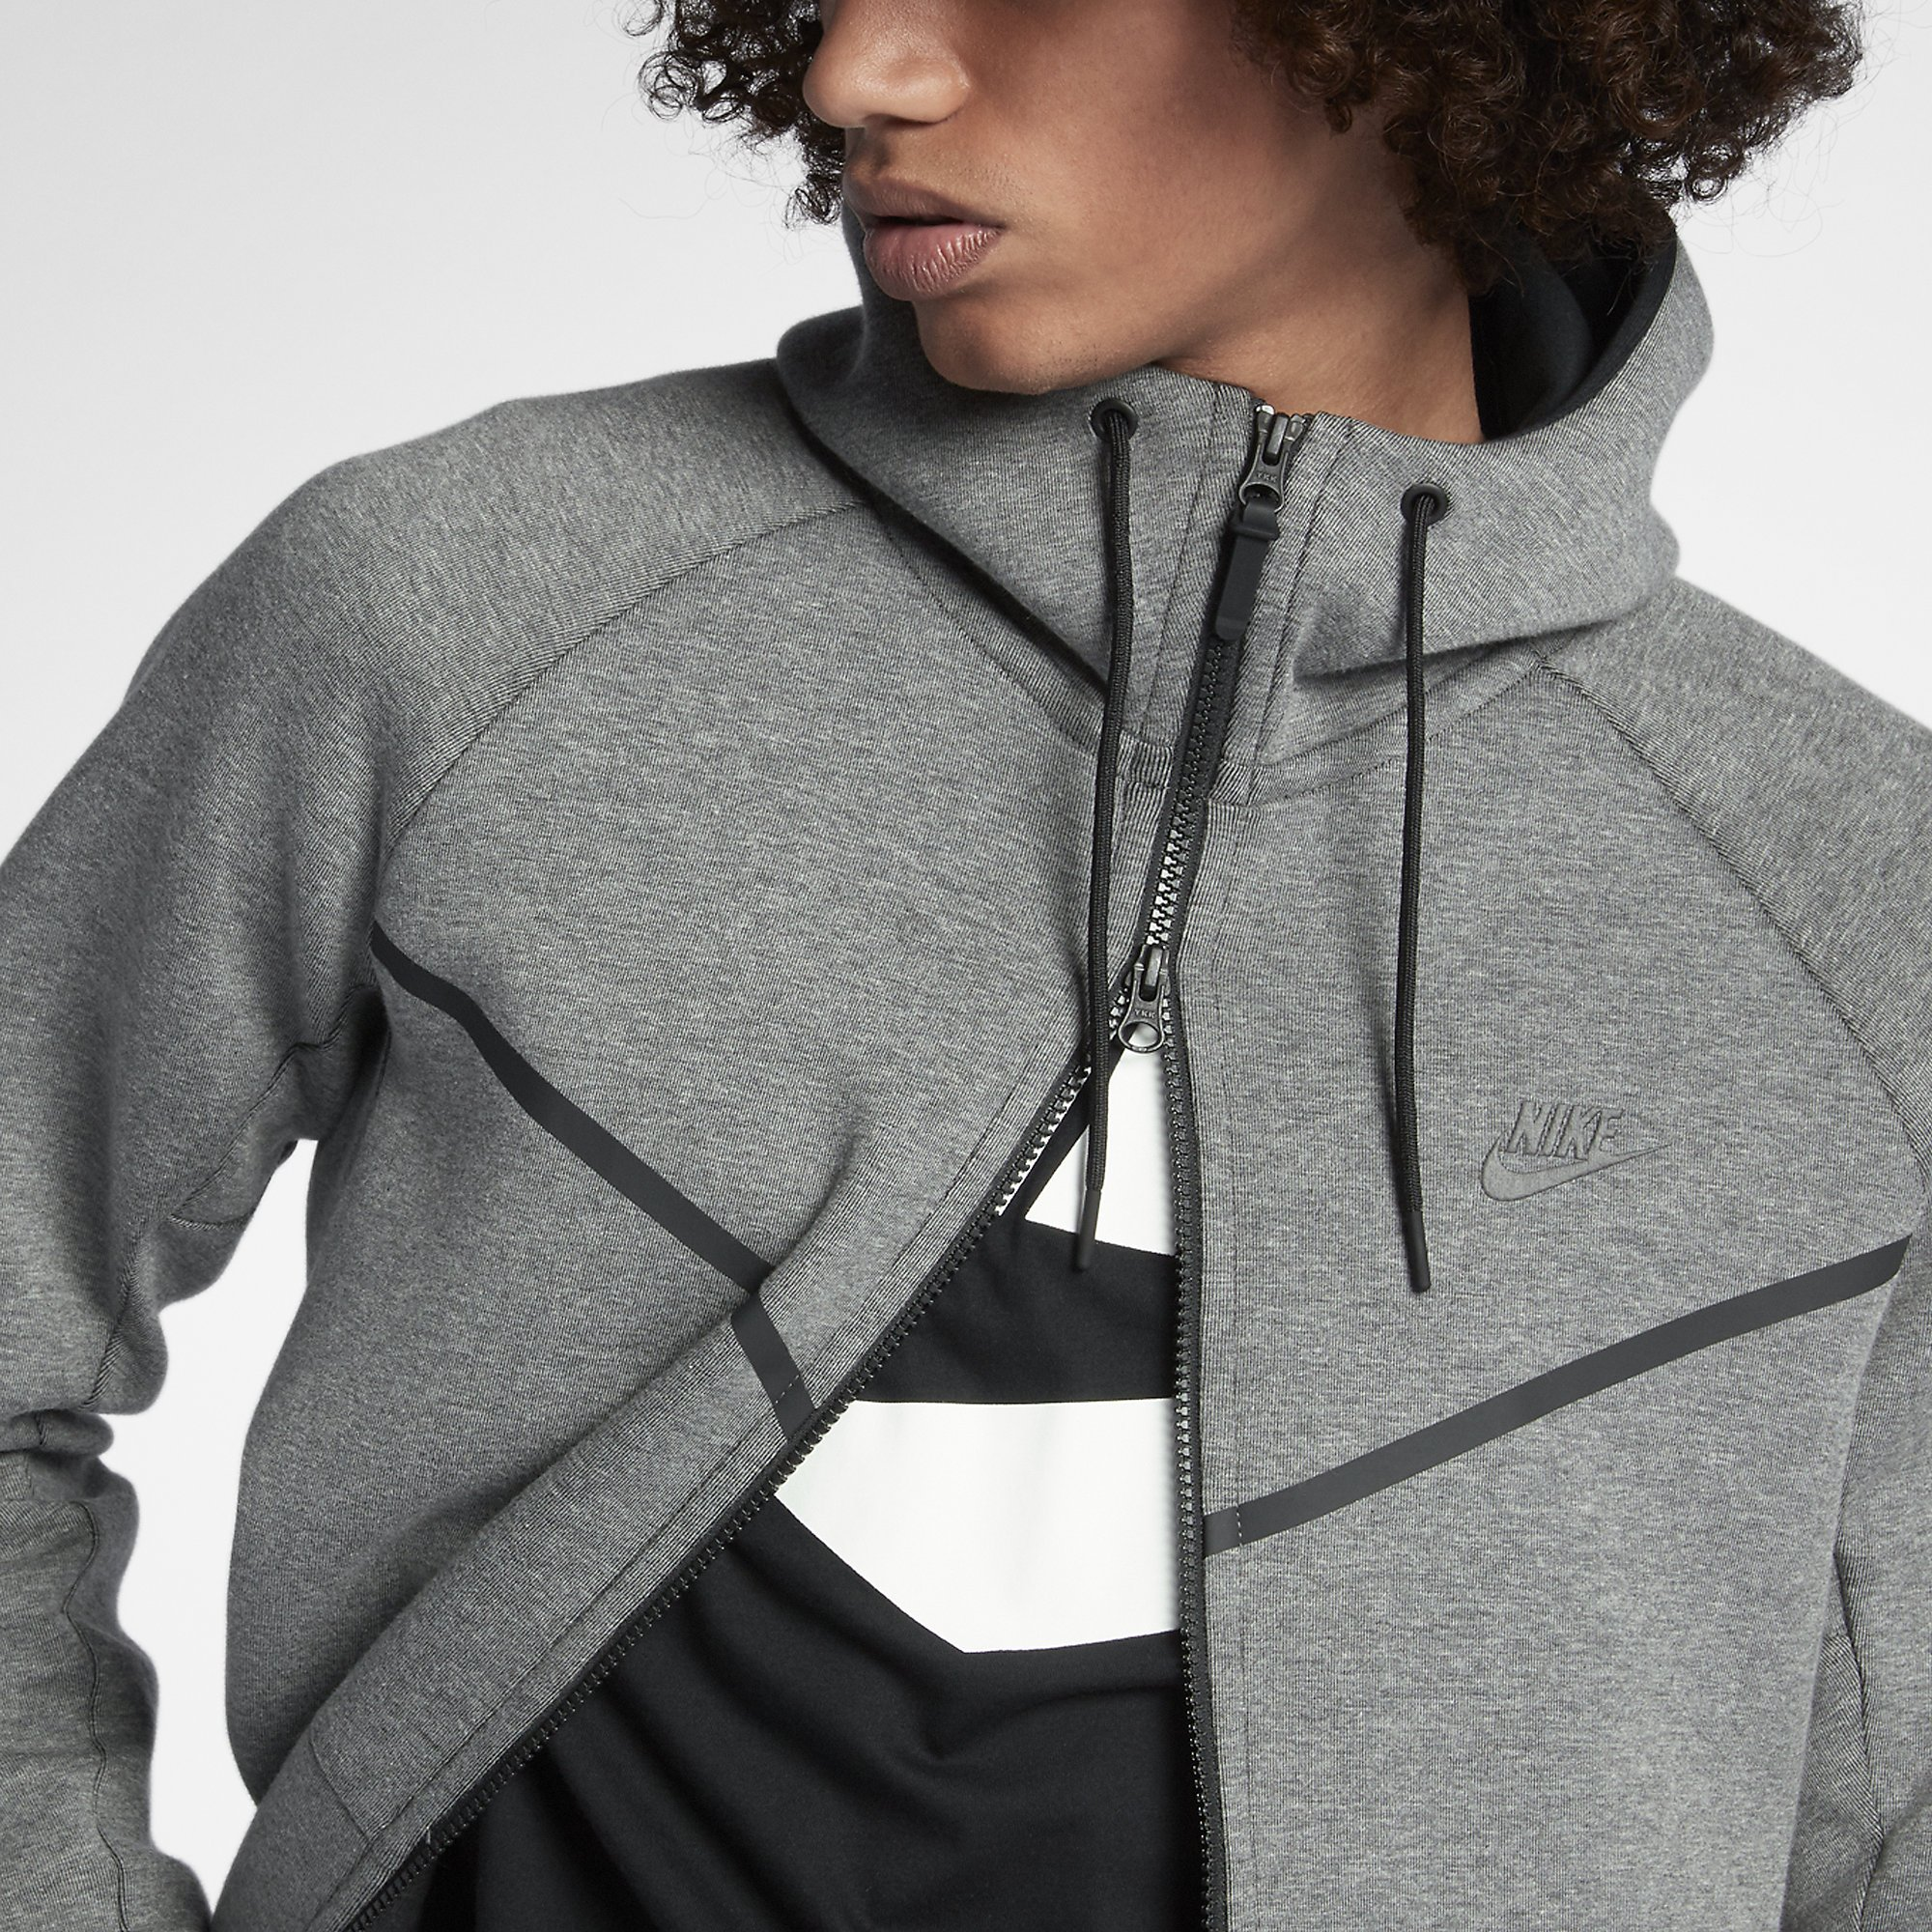 2b44ddb87dce Galleon - Nike Mens Sportswear Tech Fleece Windrunner Hooded Sweatshirt  Carbon Heather Black 805144-091 Size X-Large